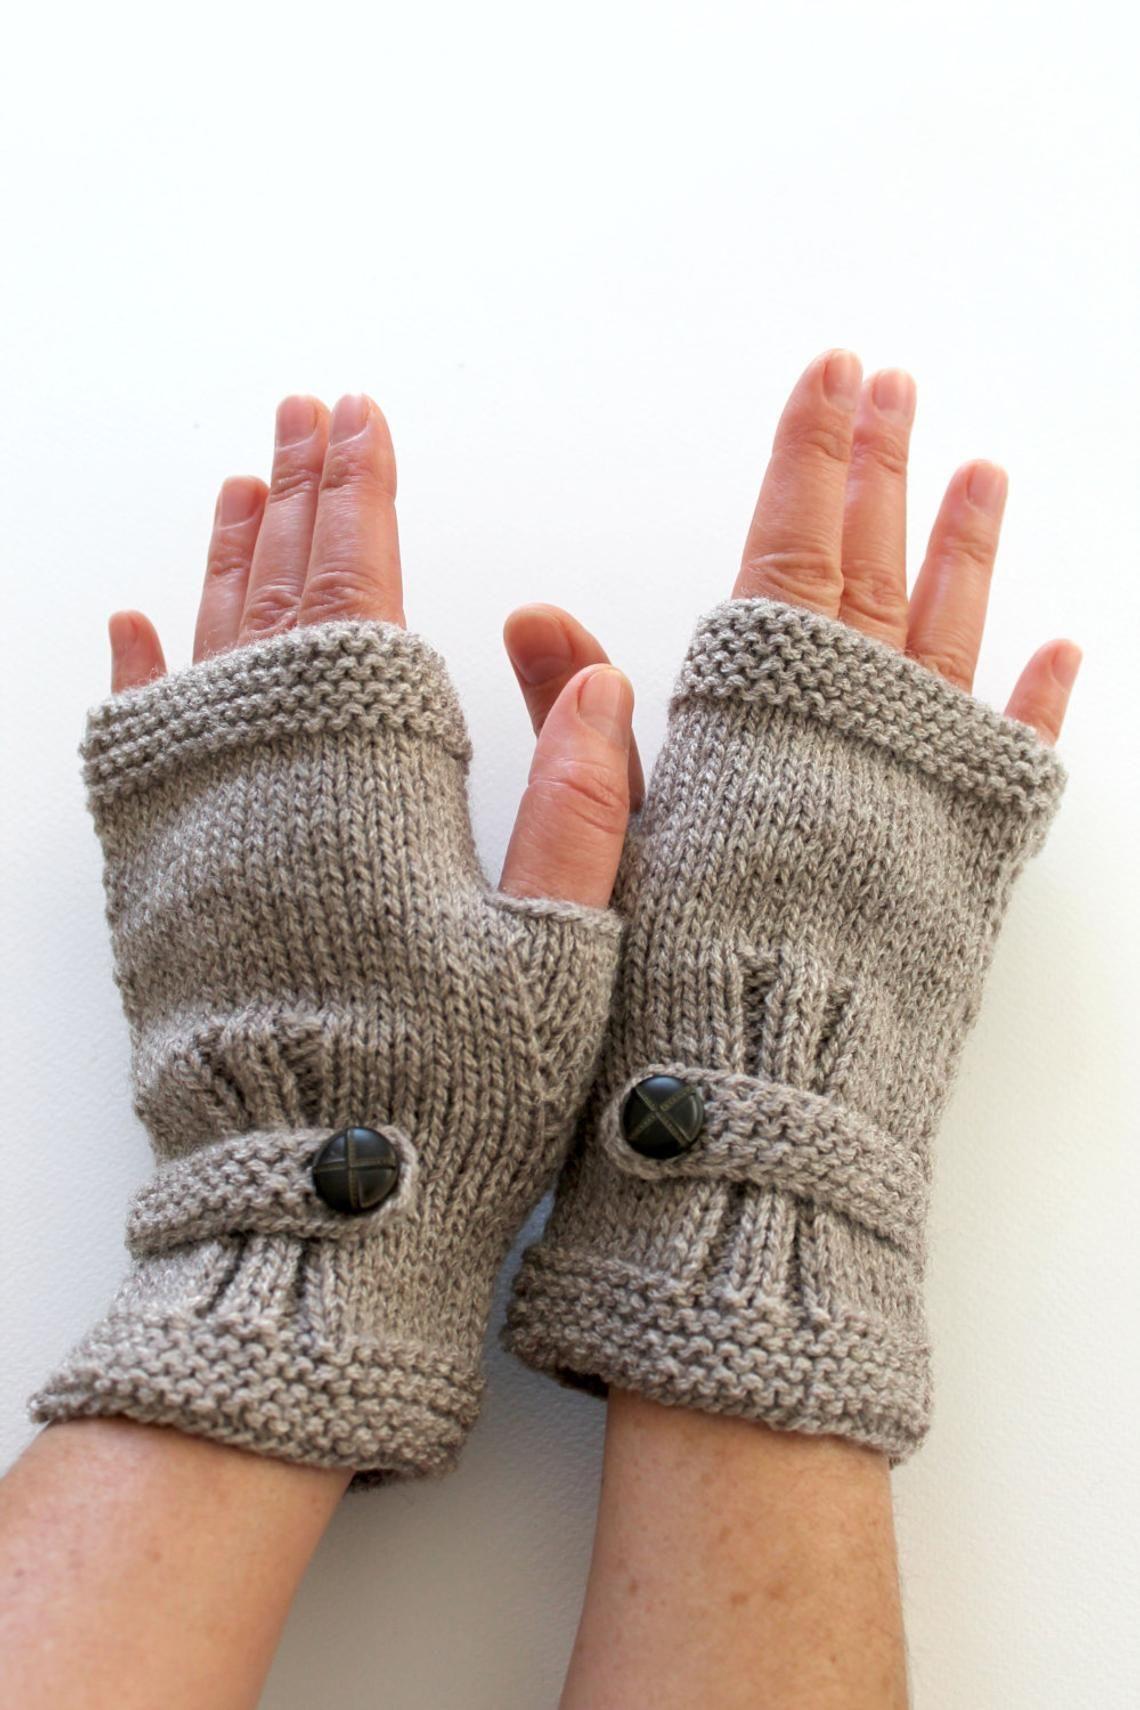 Ähnliche Artikel wie Stricken Sie Handschuhe Männer, Armstulpen Dunkelbeige, Hand-Stulpen-Unisex, Buttom Handschuhe wolle, Winter-Zubehör, Liebhabergeschenk, Vatertag auf Etsy